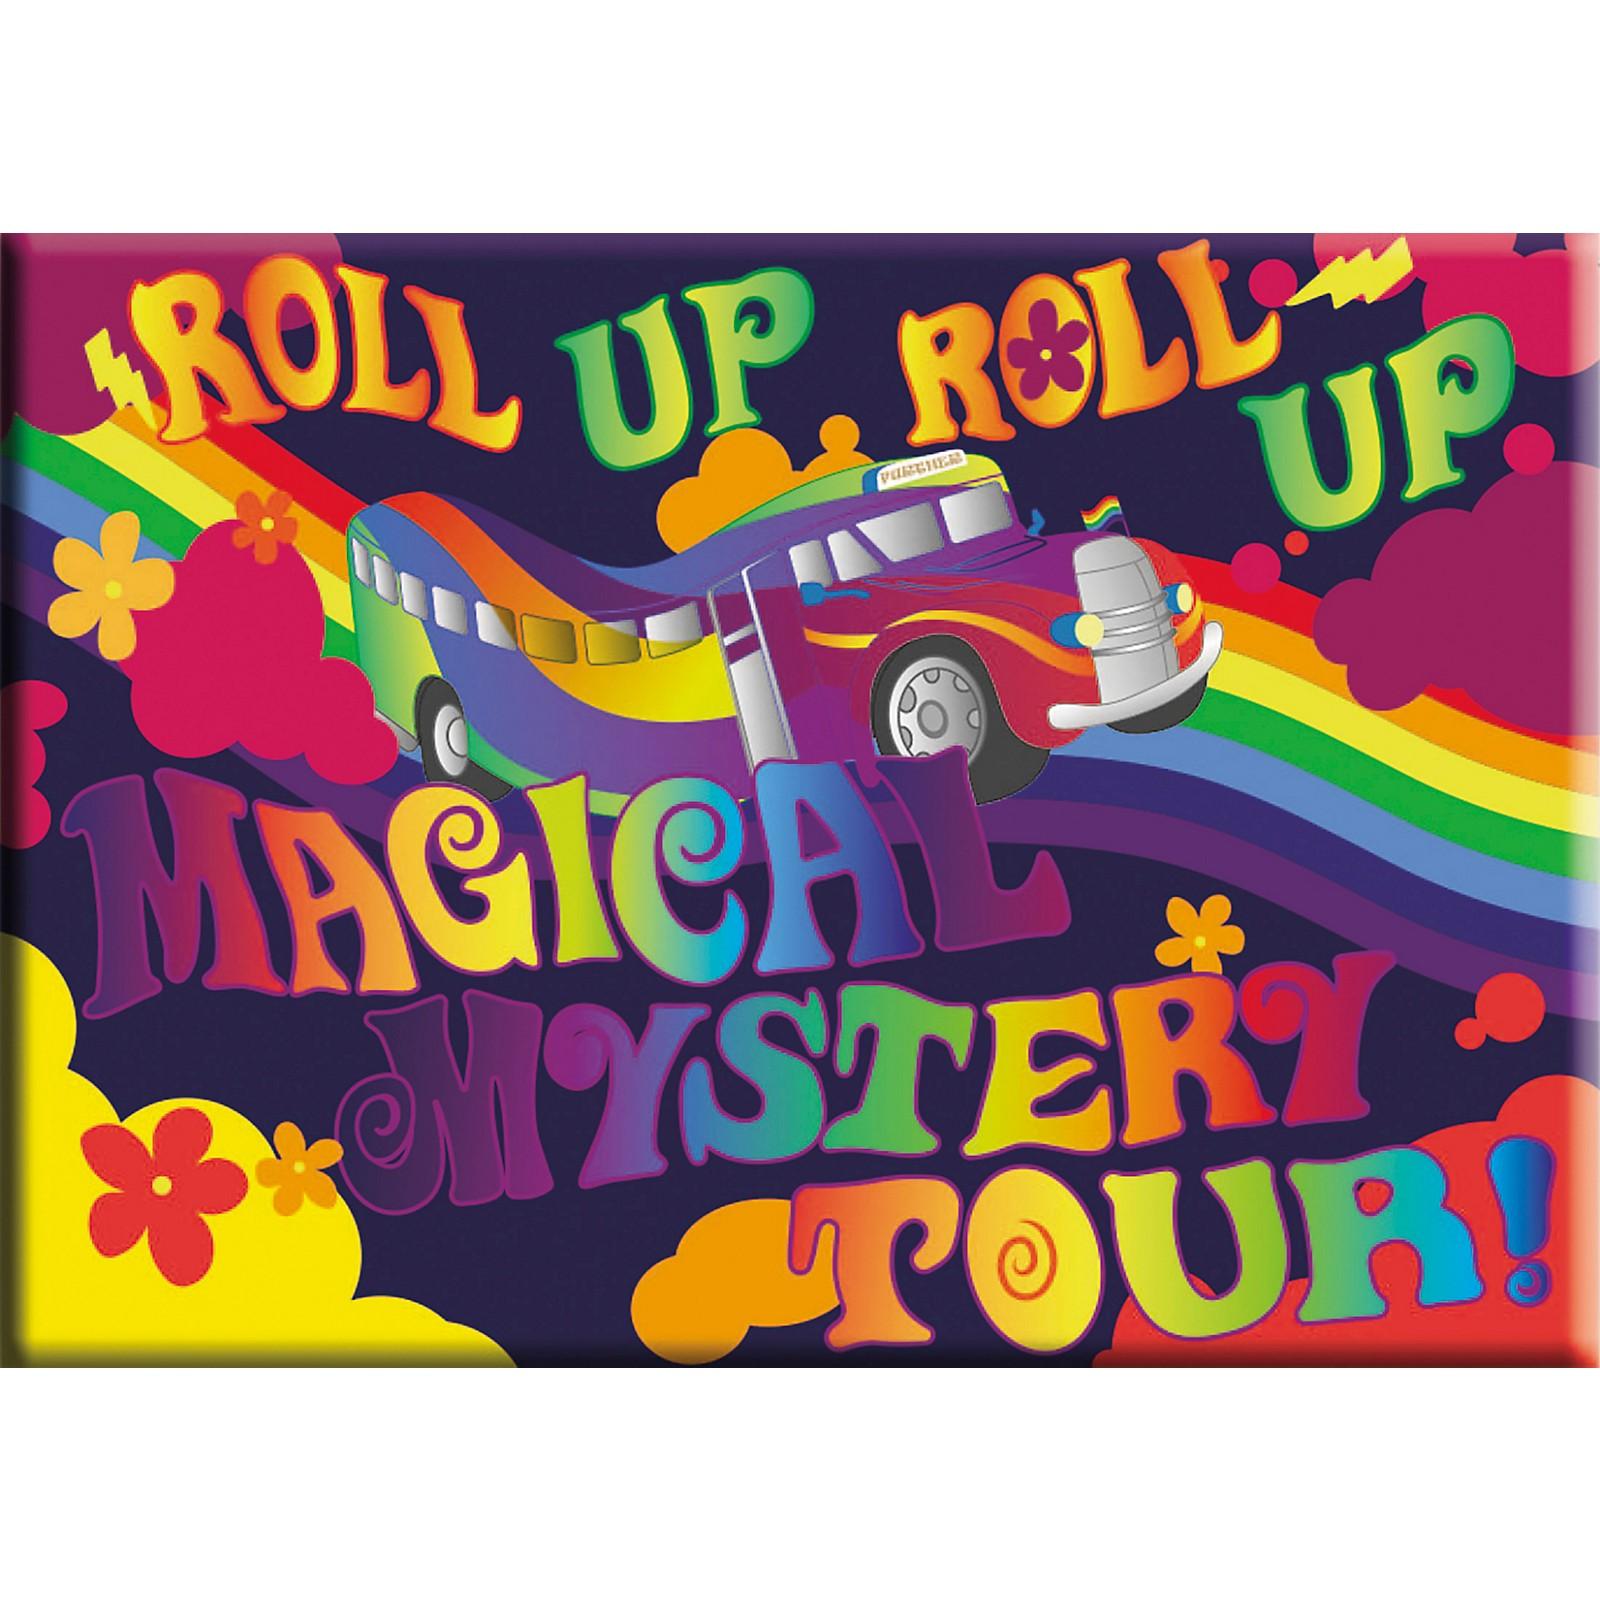 C&D Visionary Lennon & McCartney Mystery Tour Magnet